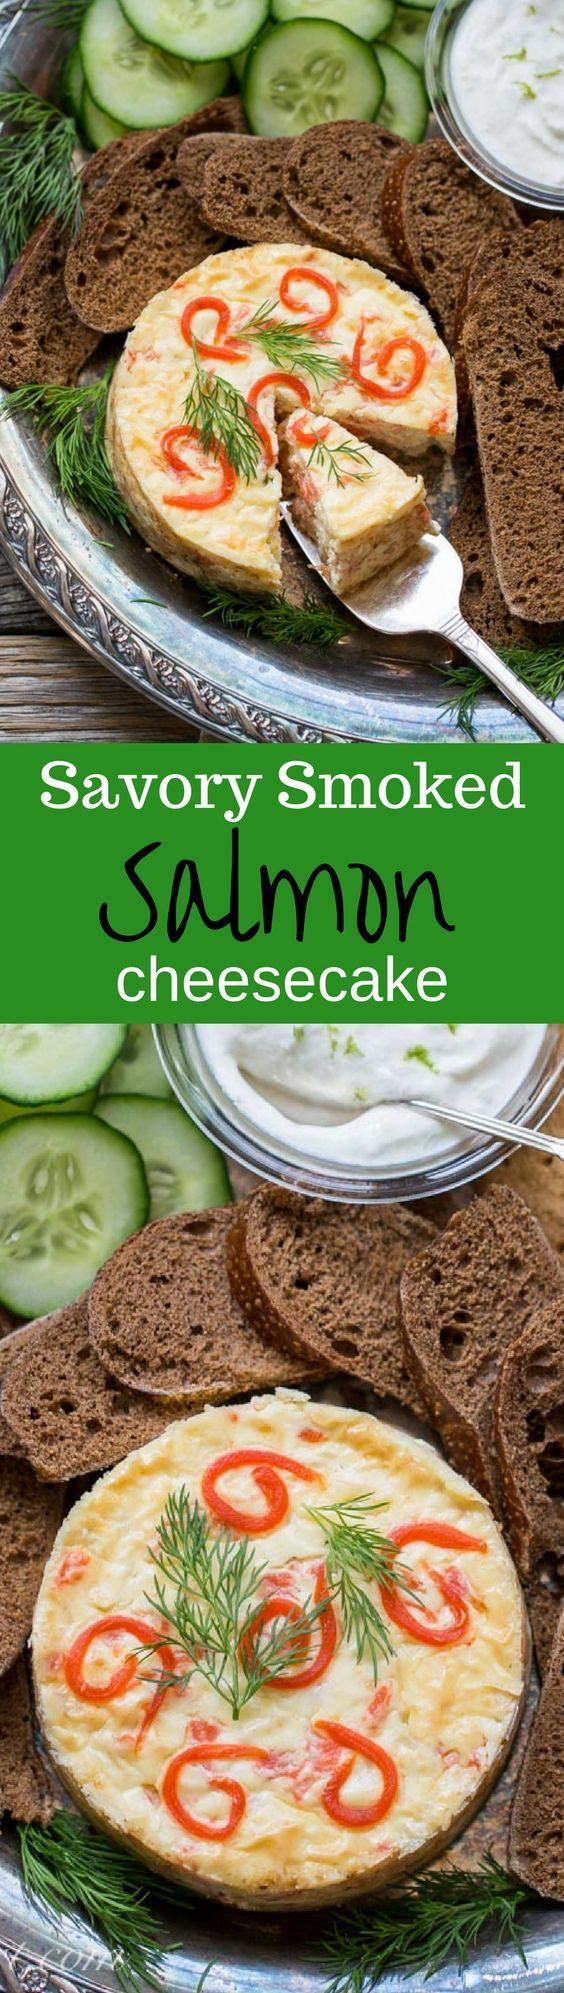 Savory Smoked Salmon Cheesecake with Horseradish-Lime Cream | www.savingdessert.com